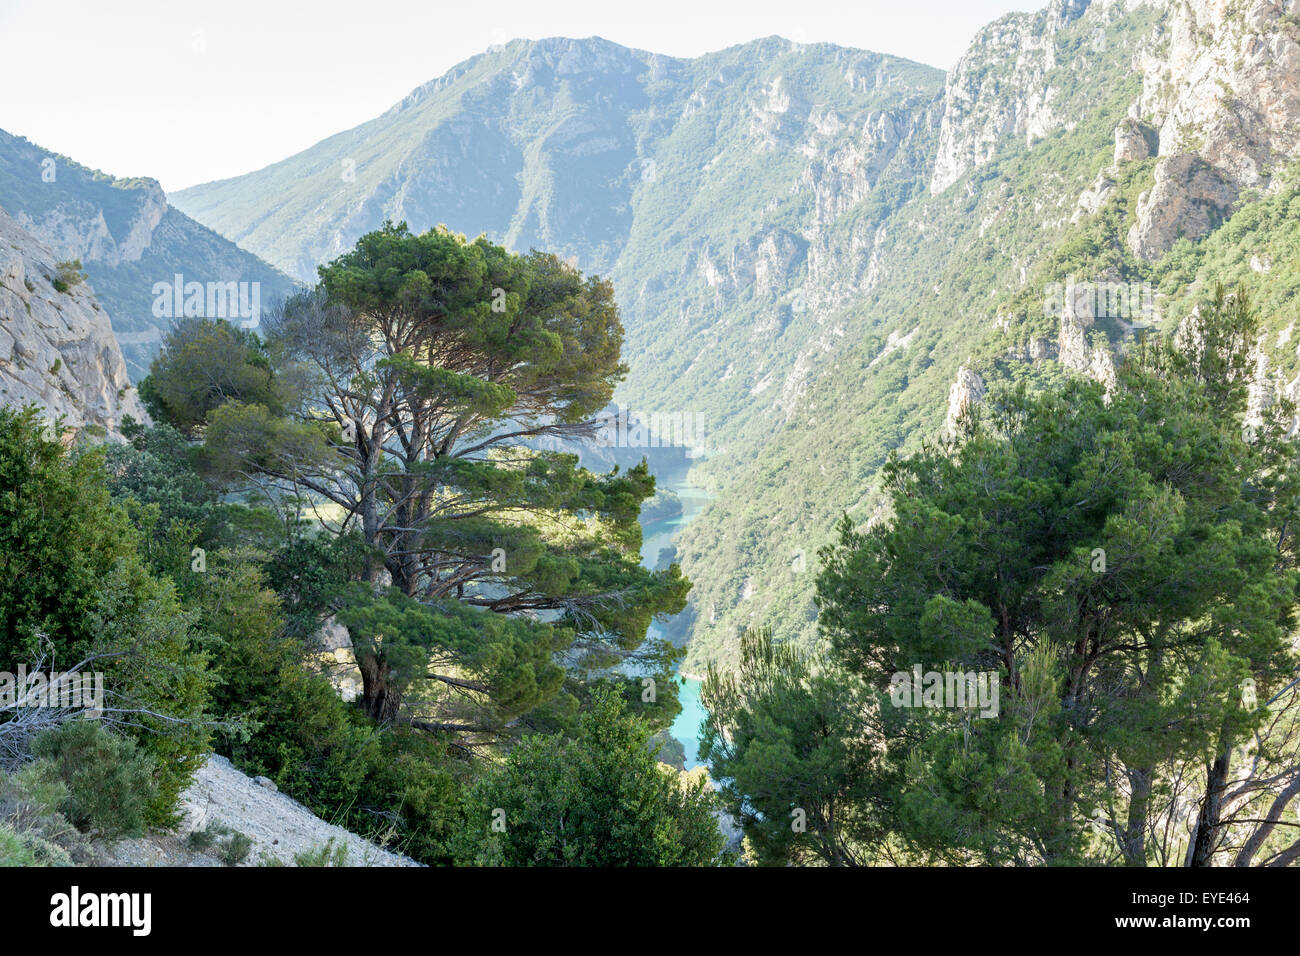 La partie inférieure des gorges du Verdon vu d'un point de vue de la route qui mène au village de Photo Stock